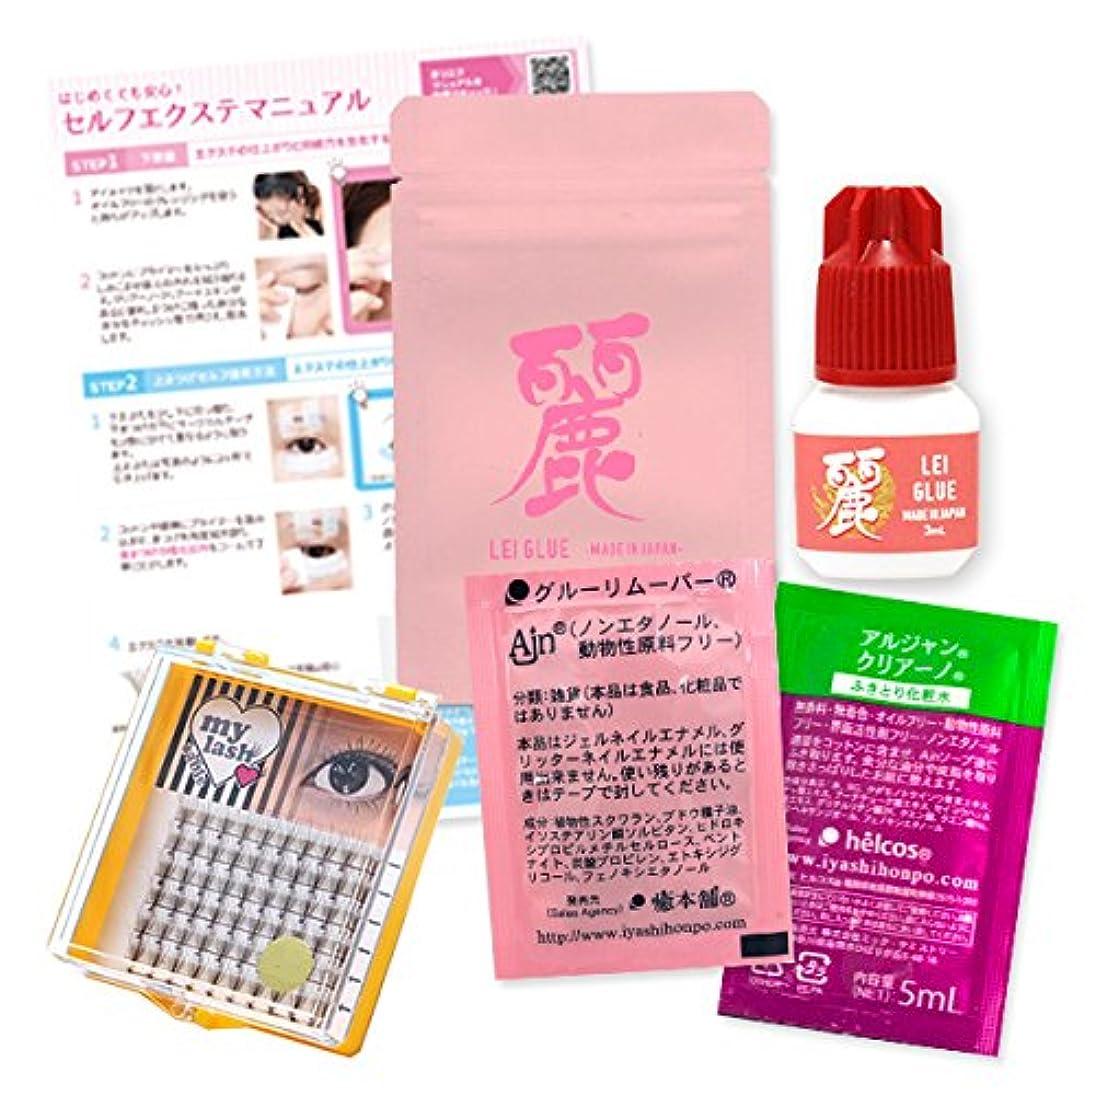 鮮やかなディスコファーザーファージュマツエク セルフ my Lash キット 7本束(MIX)と日本製 麗グルーセット まつげエクステ